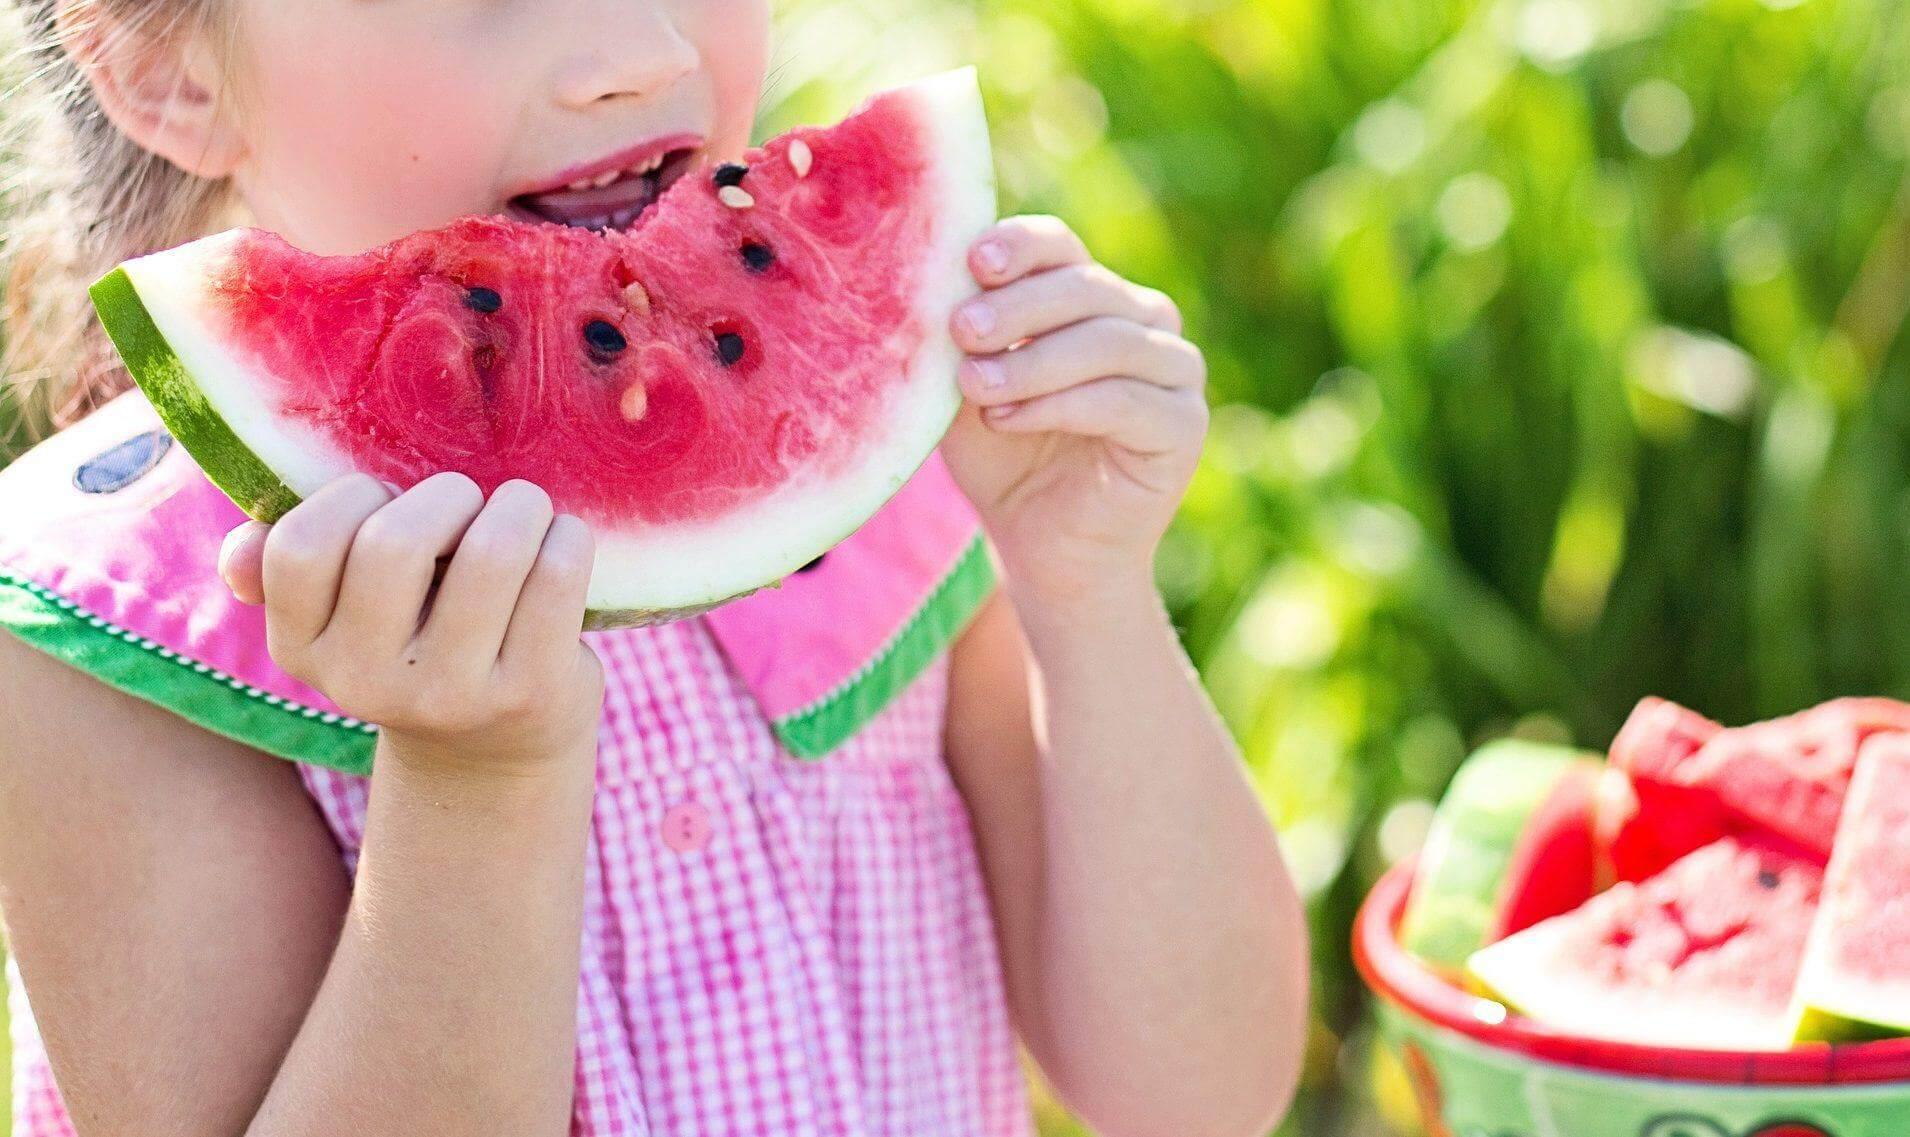 Alimentazione dei bambini: i consigli della Nutrizionista